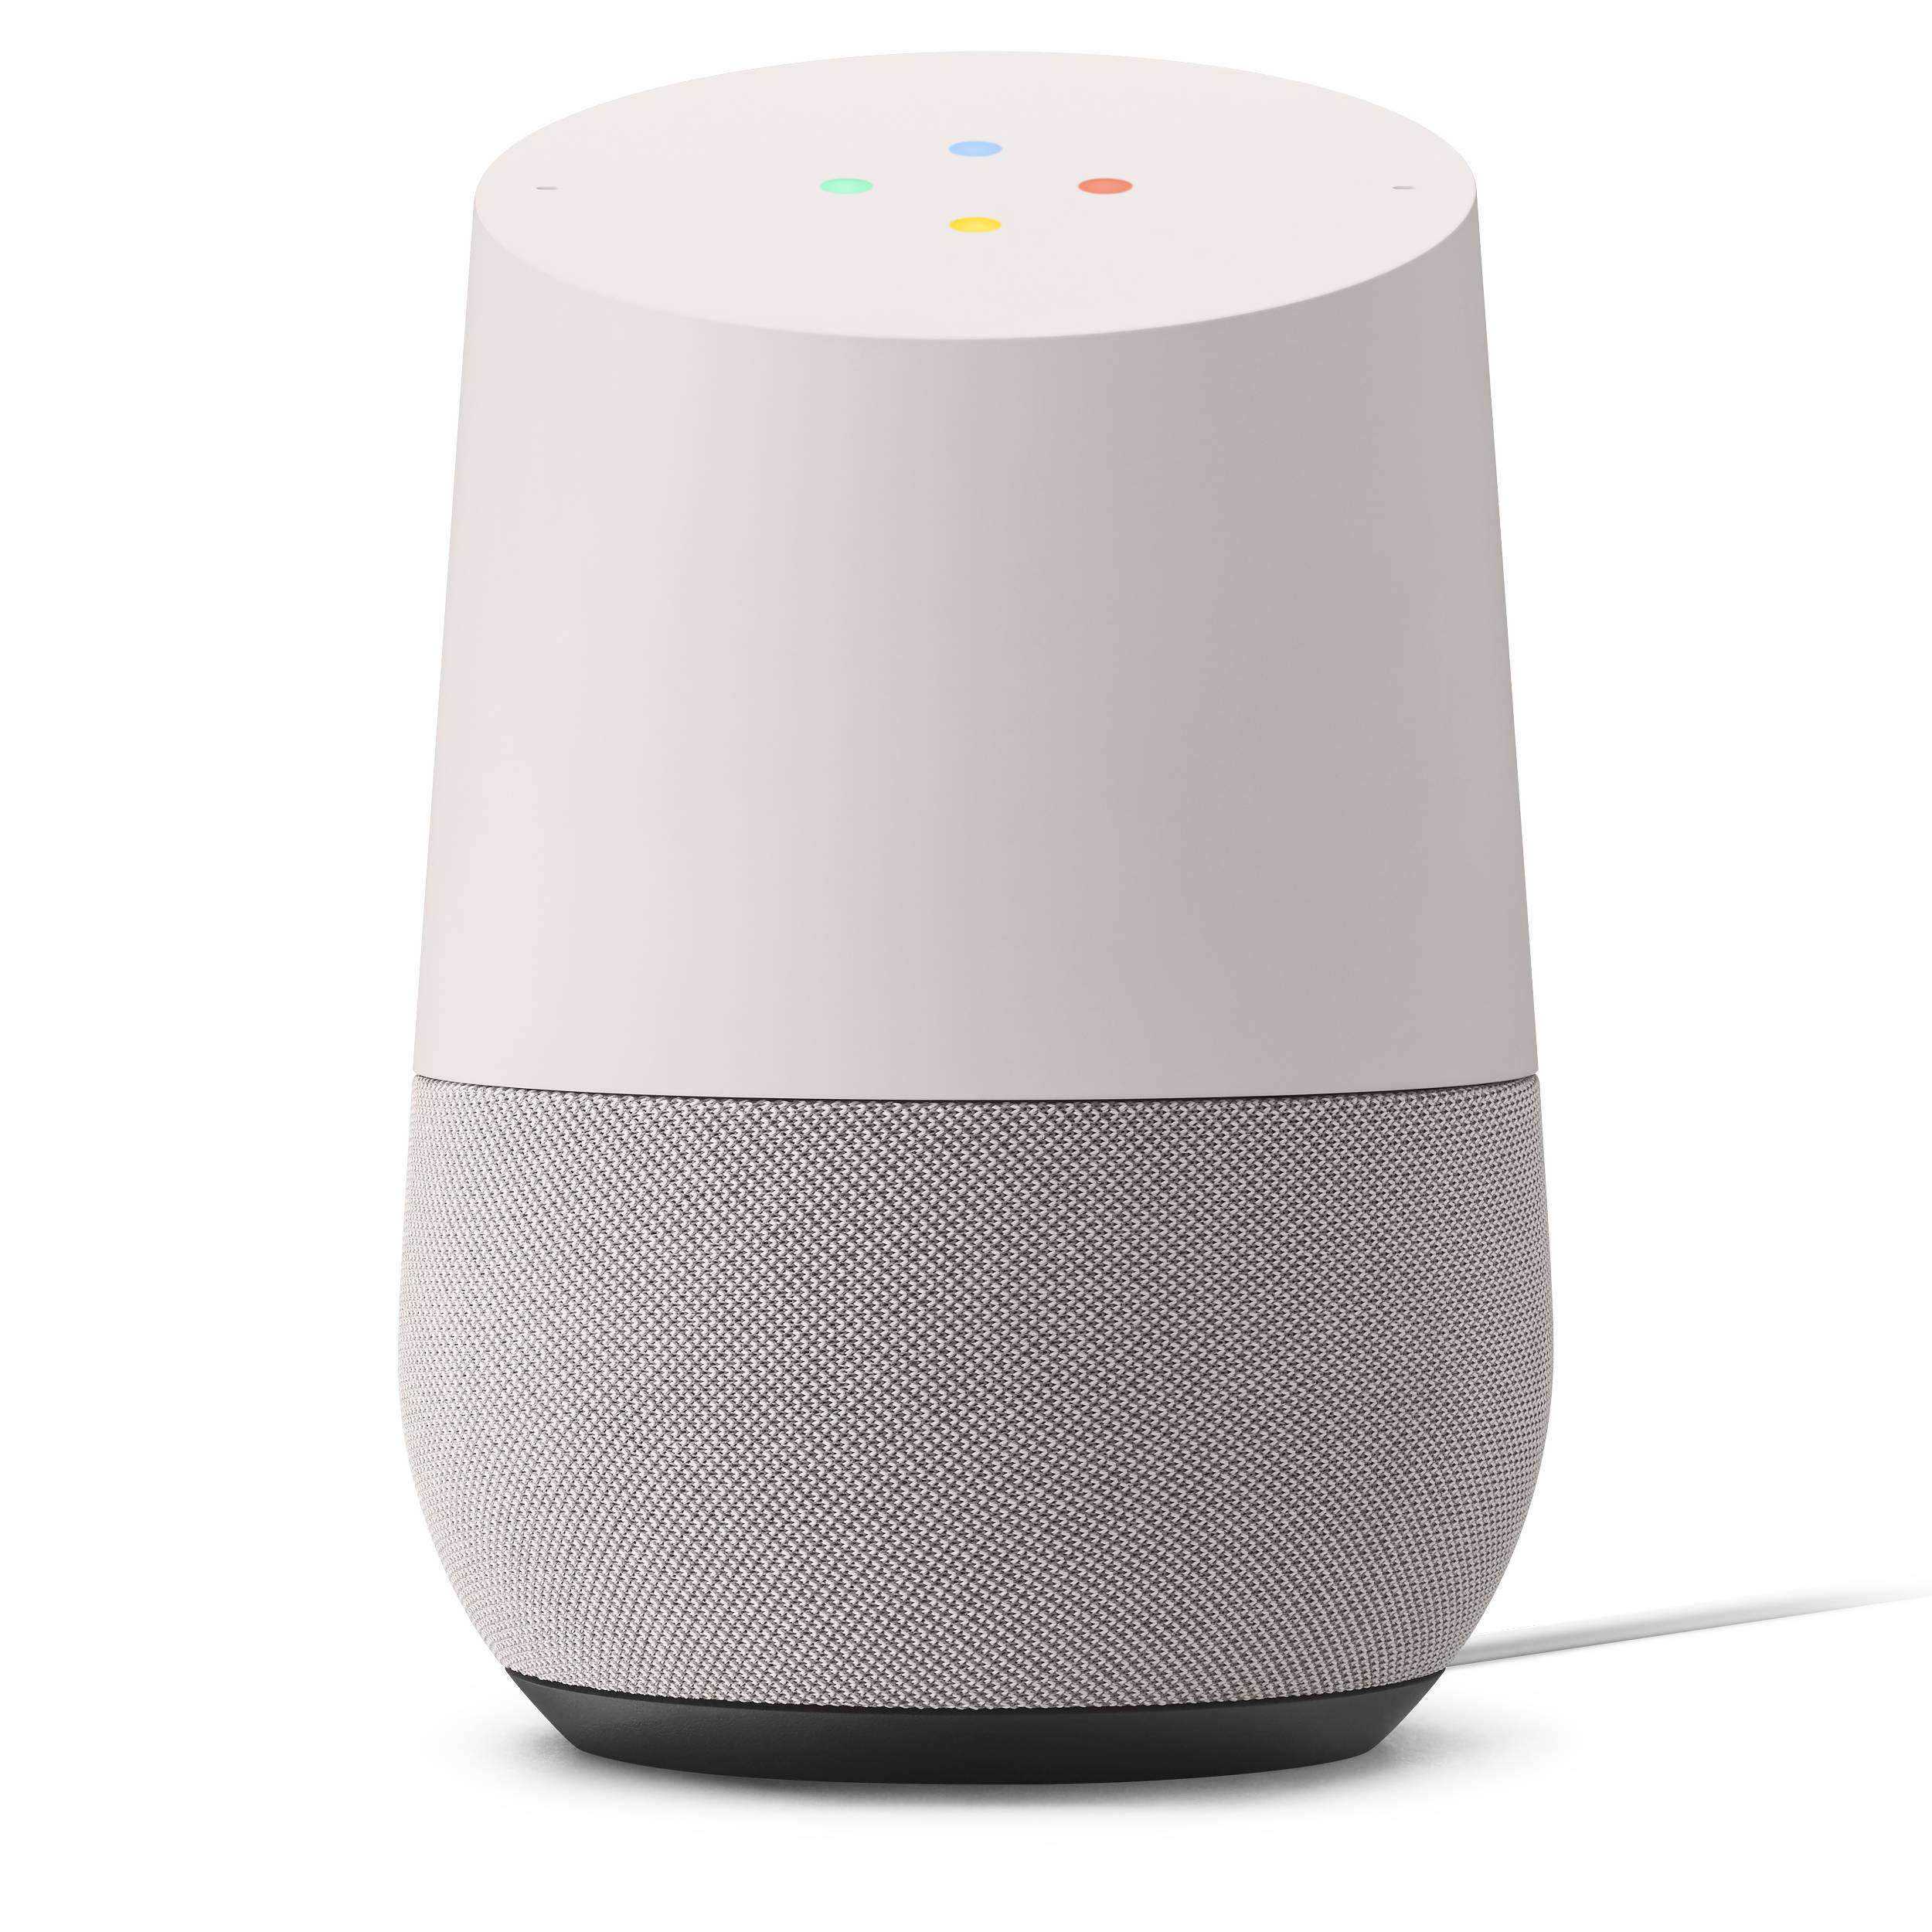 kiedy Google Home 2 nowy głośnik Nest z Asystent Google